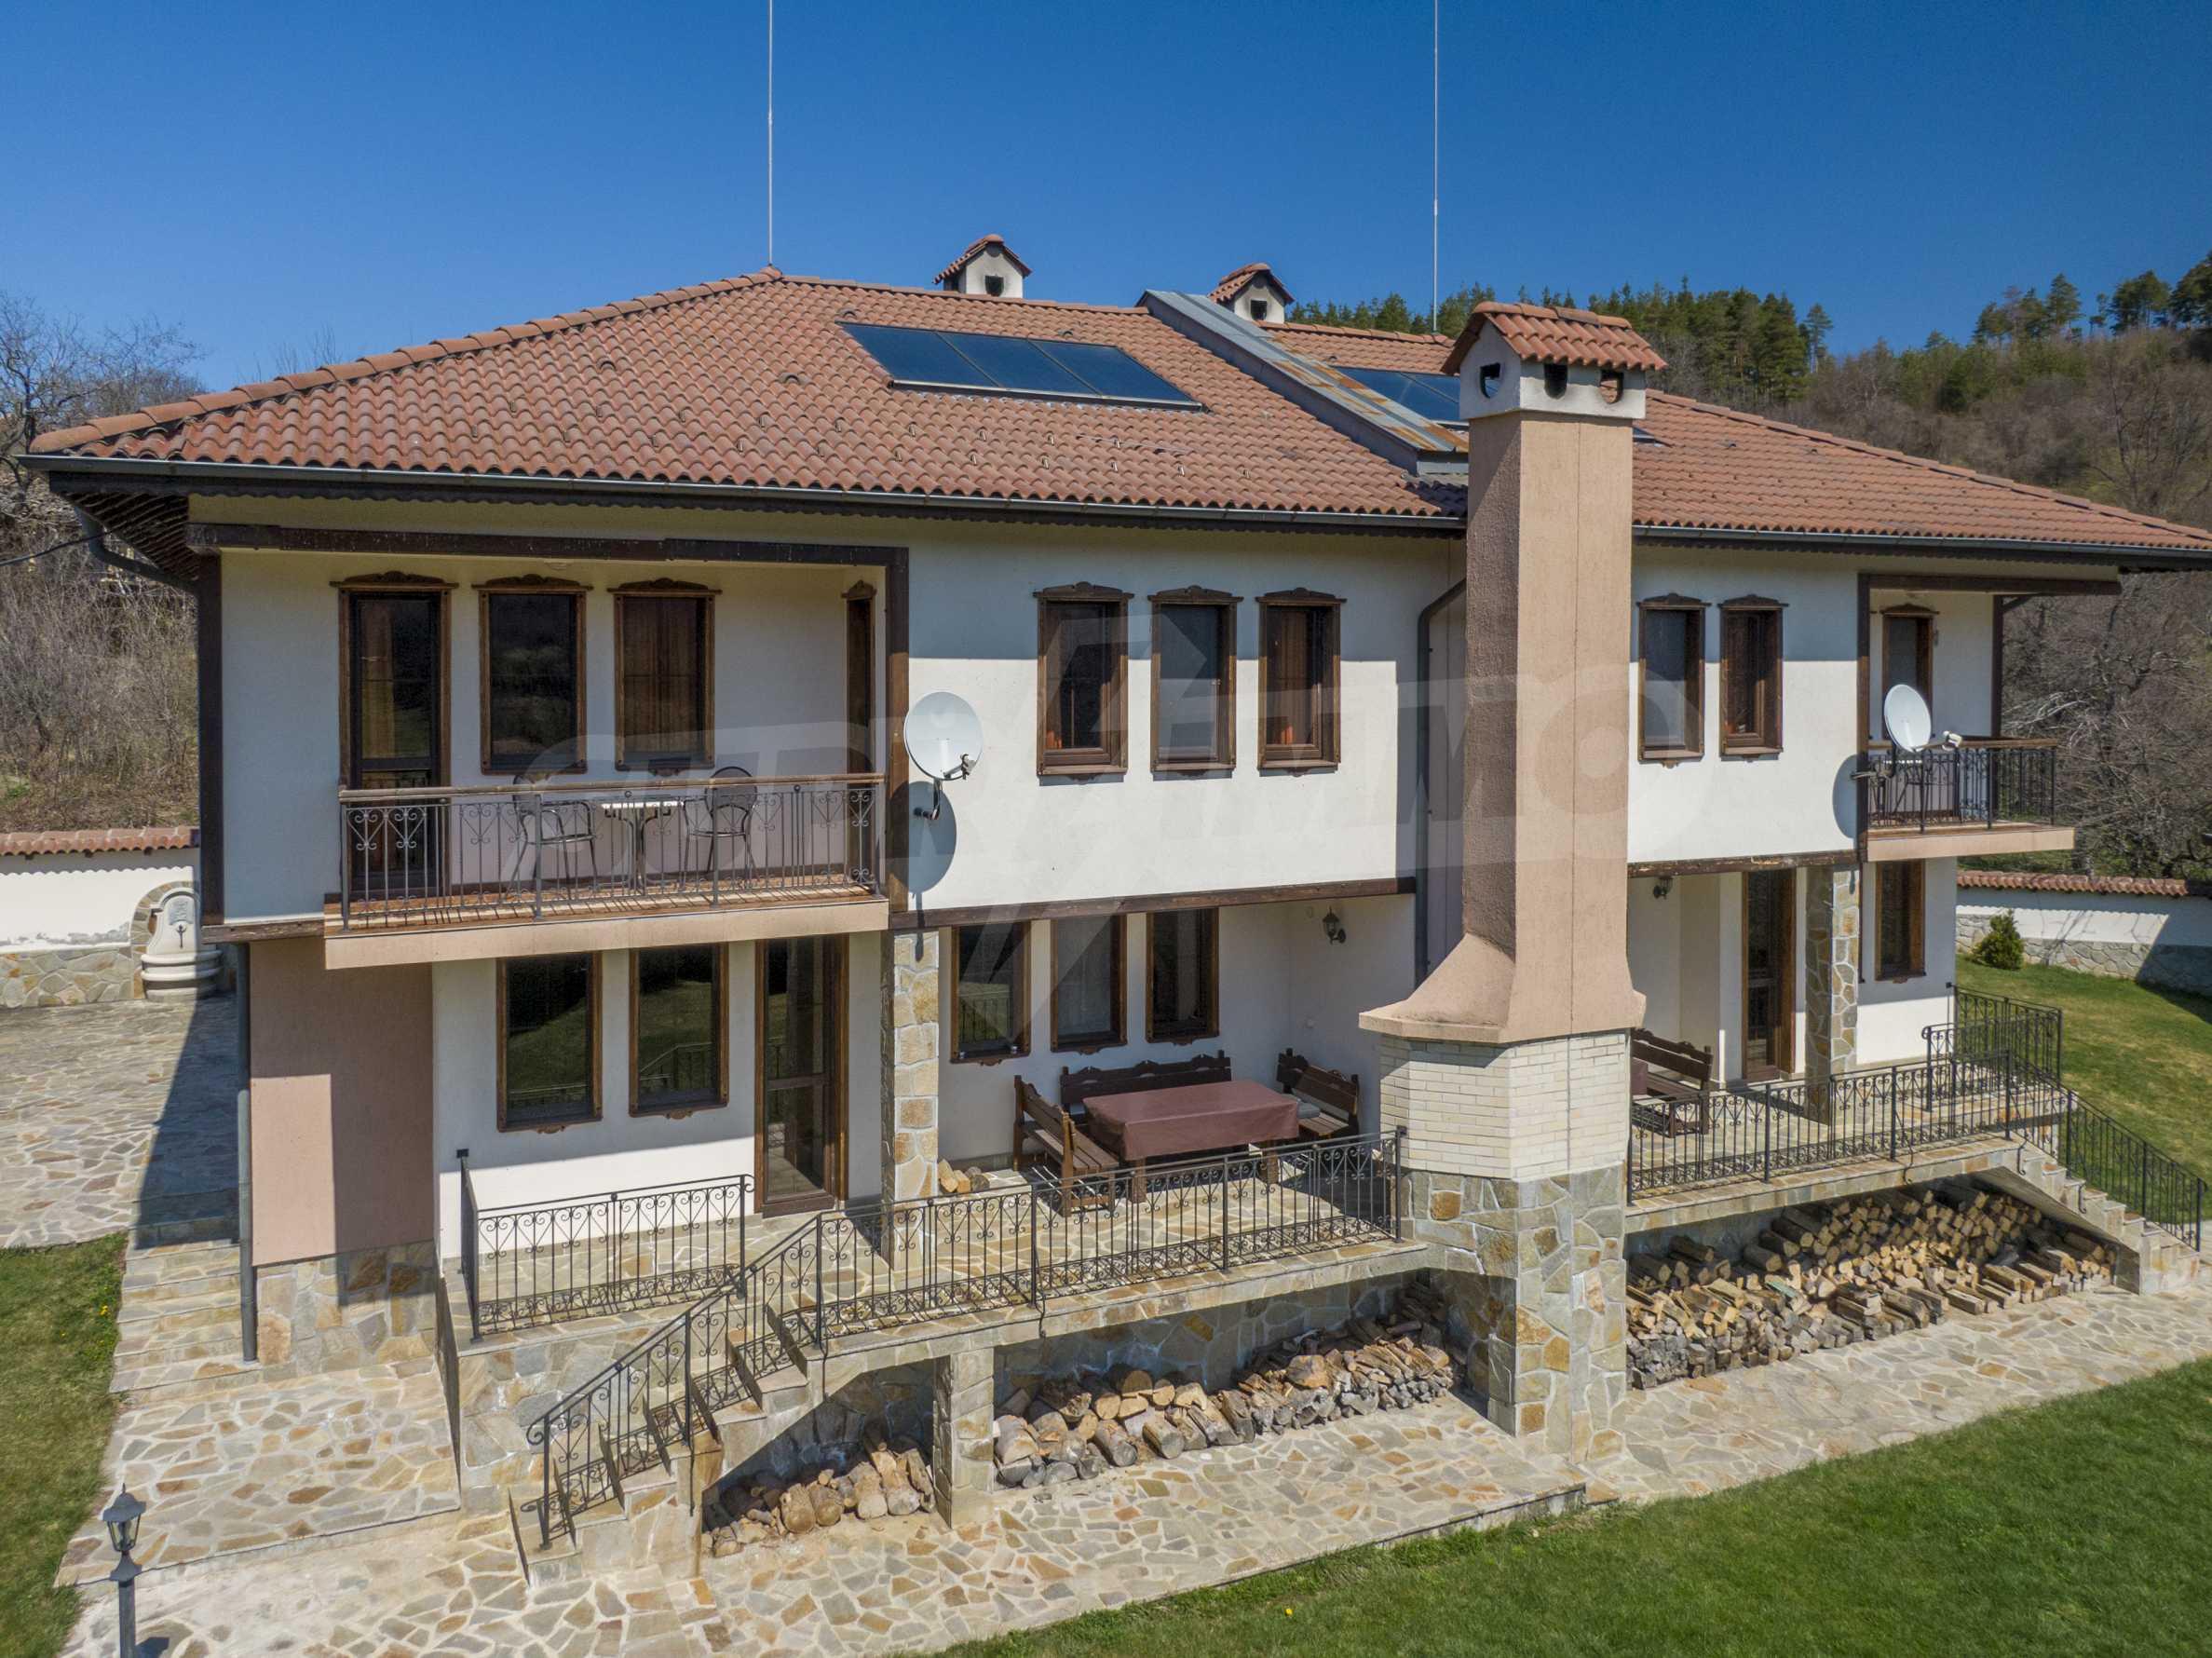 Zwei Doppelhäuser mit Swimmingpool in einem gemeinsamen Hof, nur 5 km vom Yovkovtsi-Damm entfernt 2